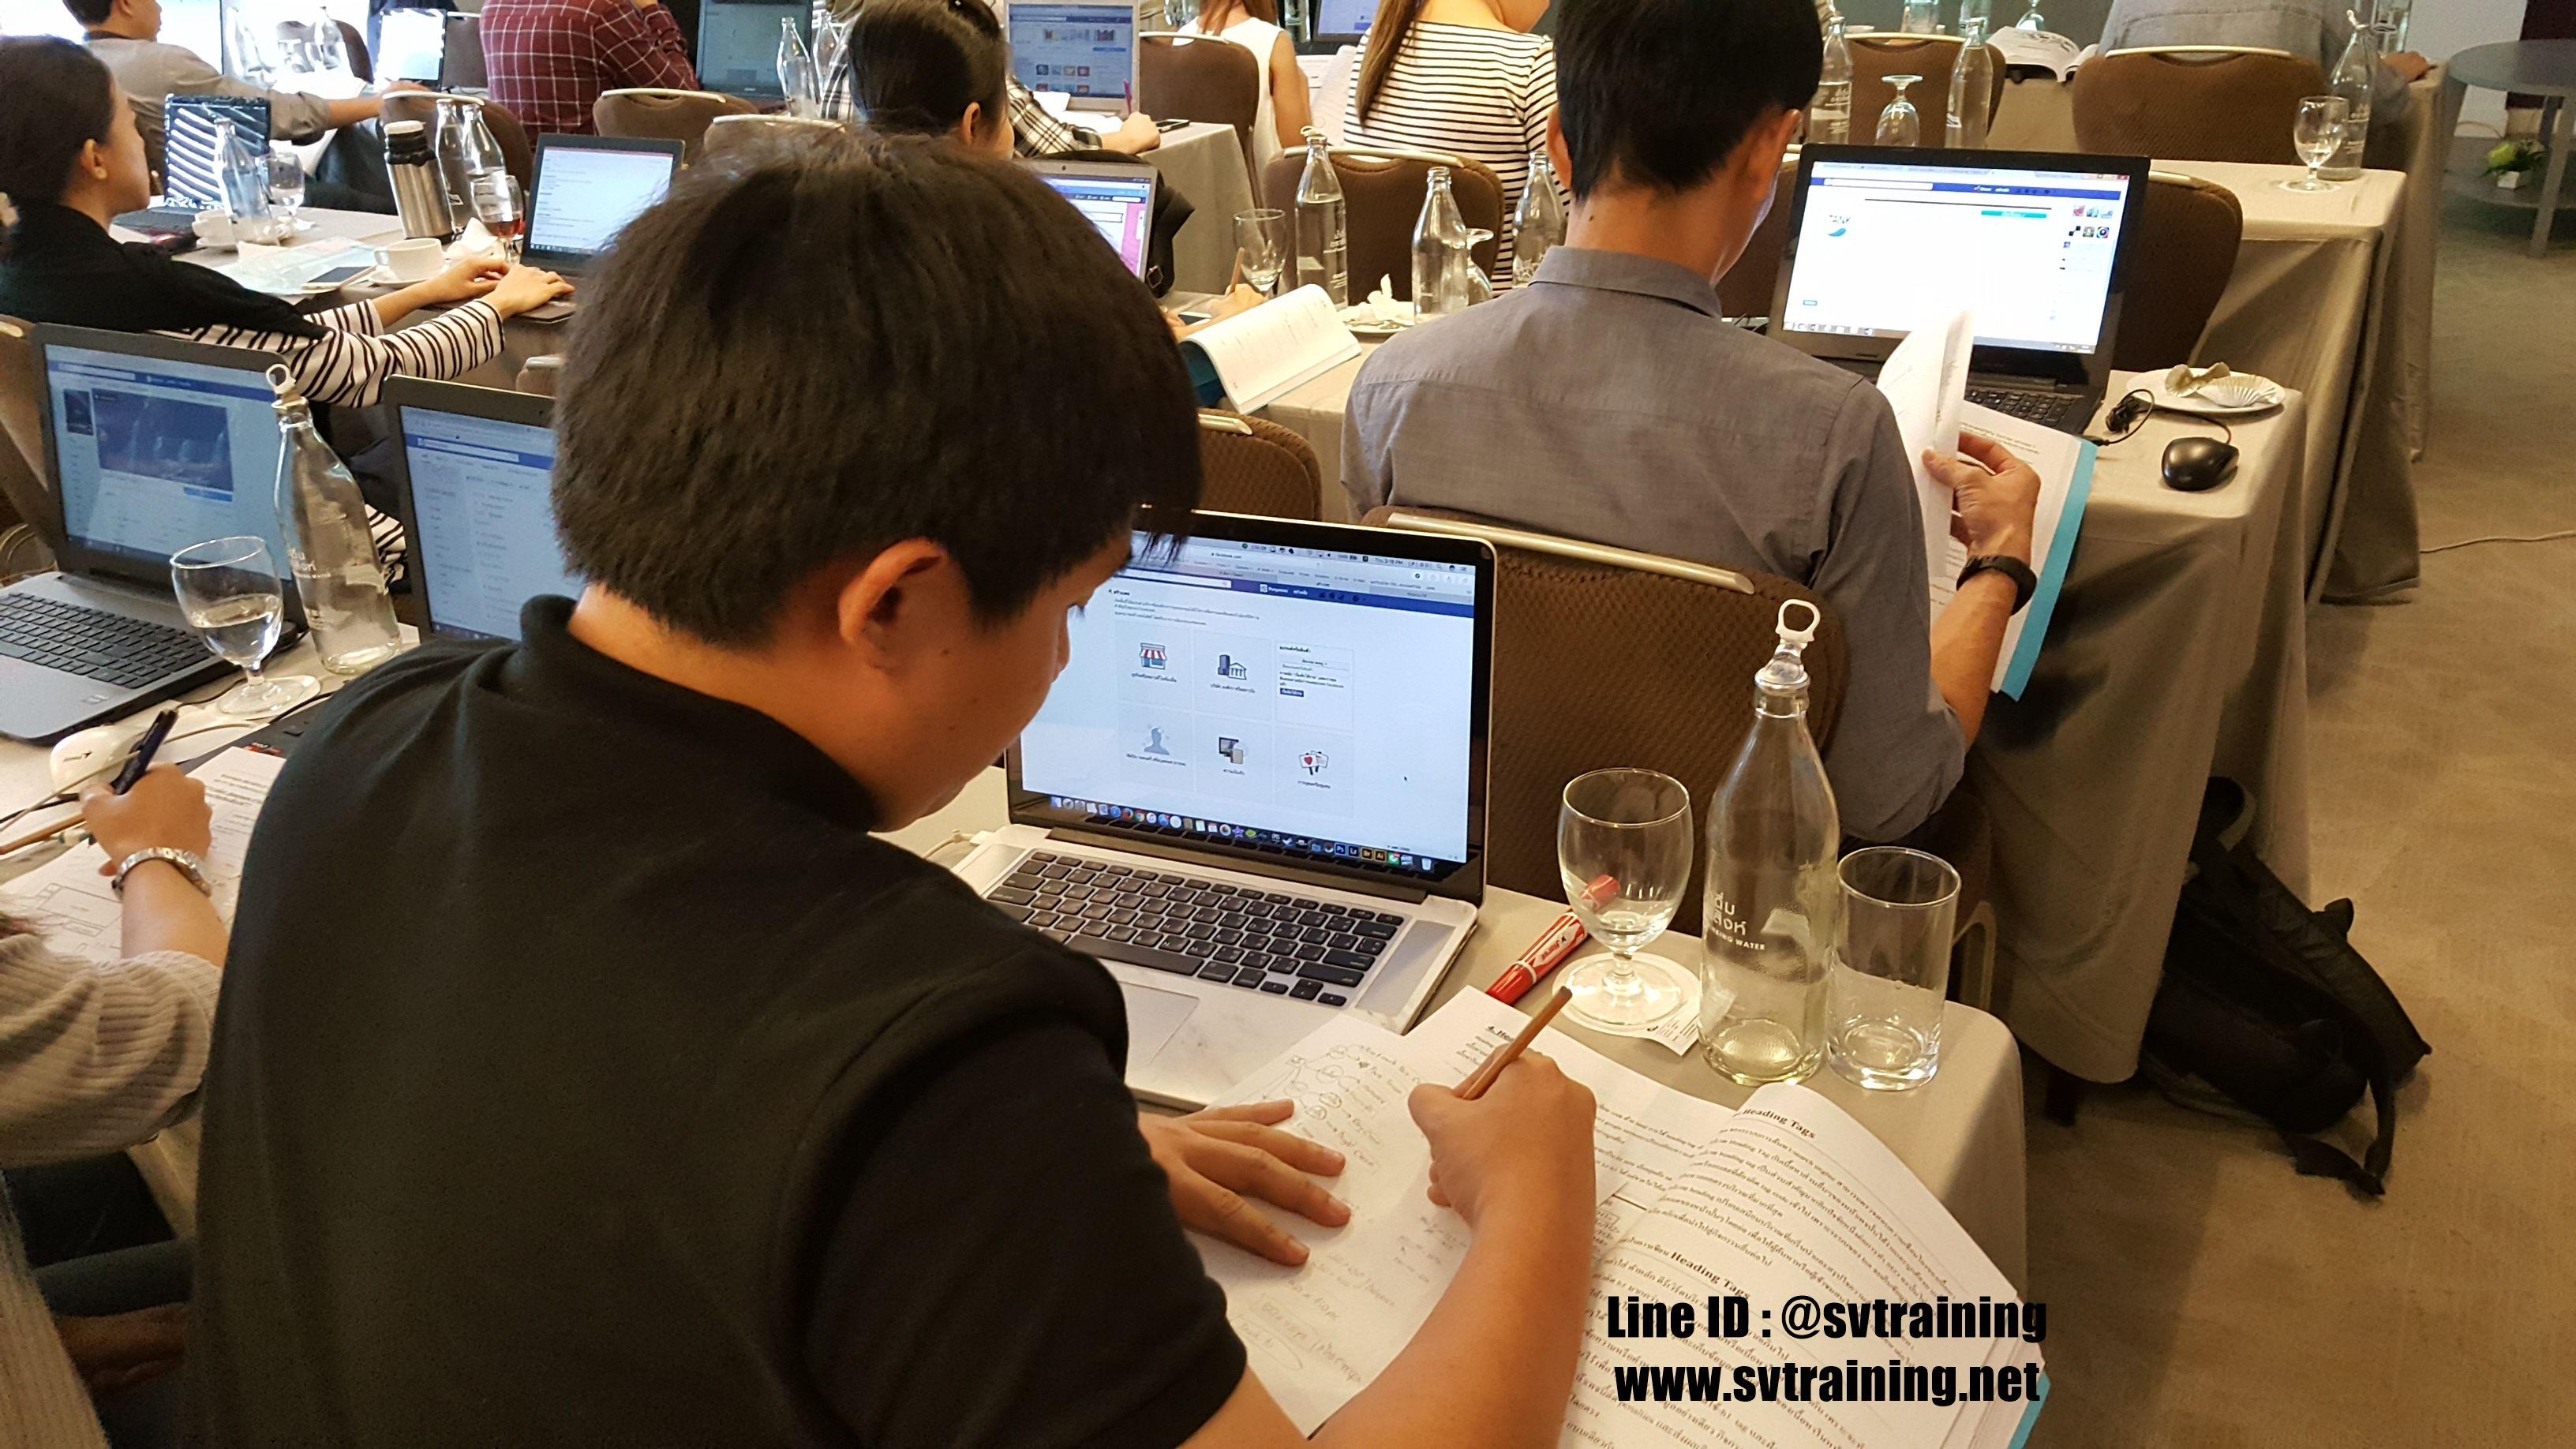 สอนขายเฟสบุ๊คอย่างมืออาชีพ โดยอาจารย์ใบตอง